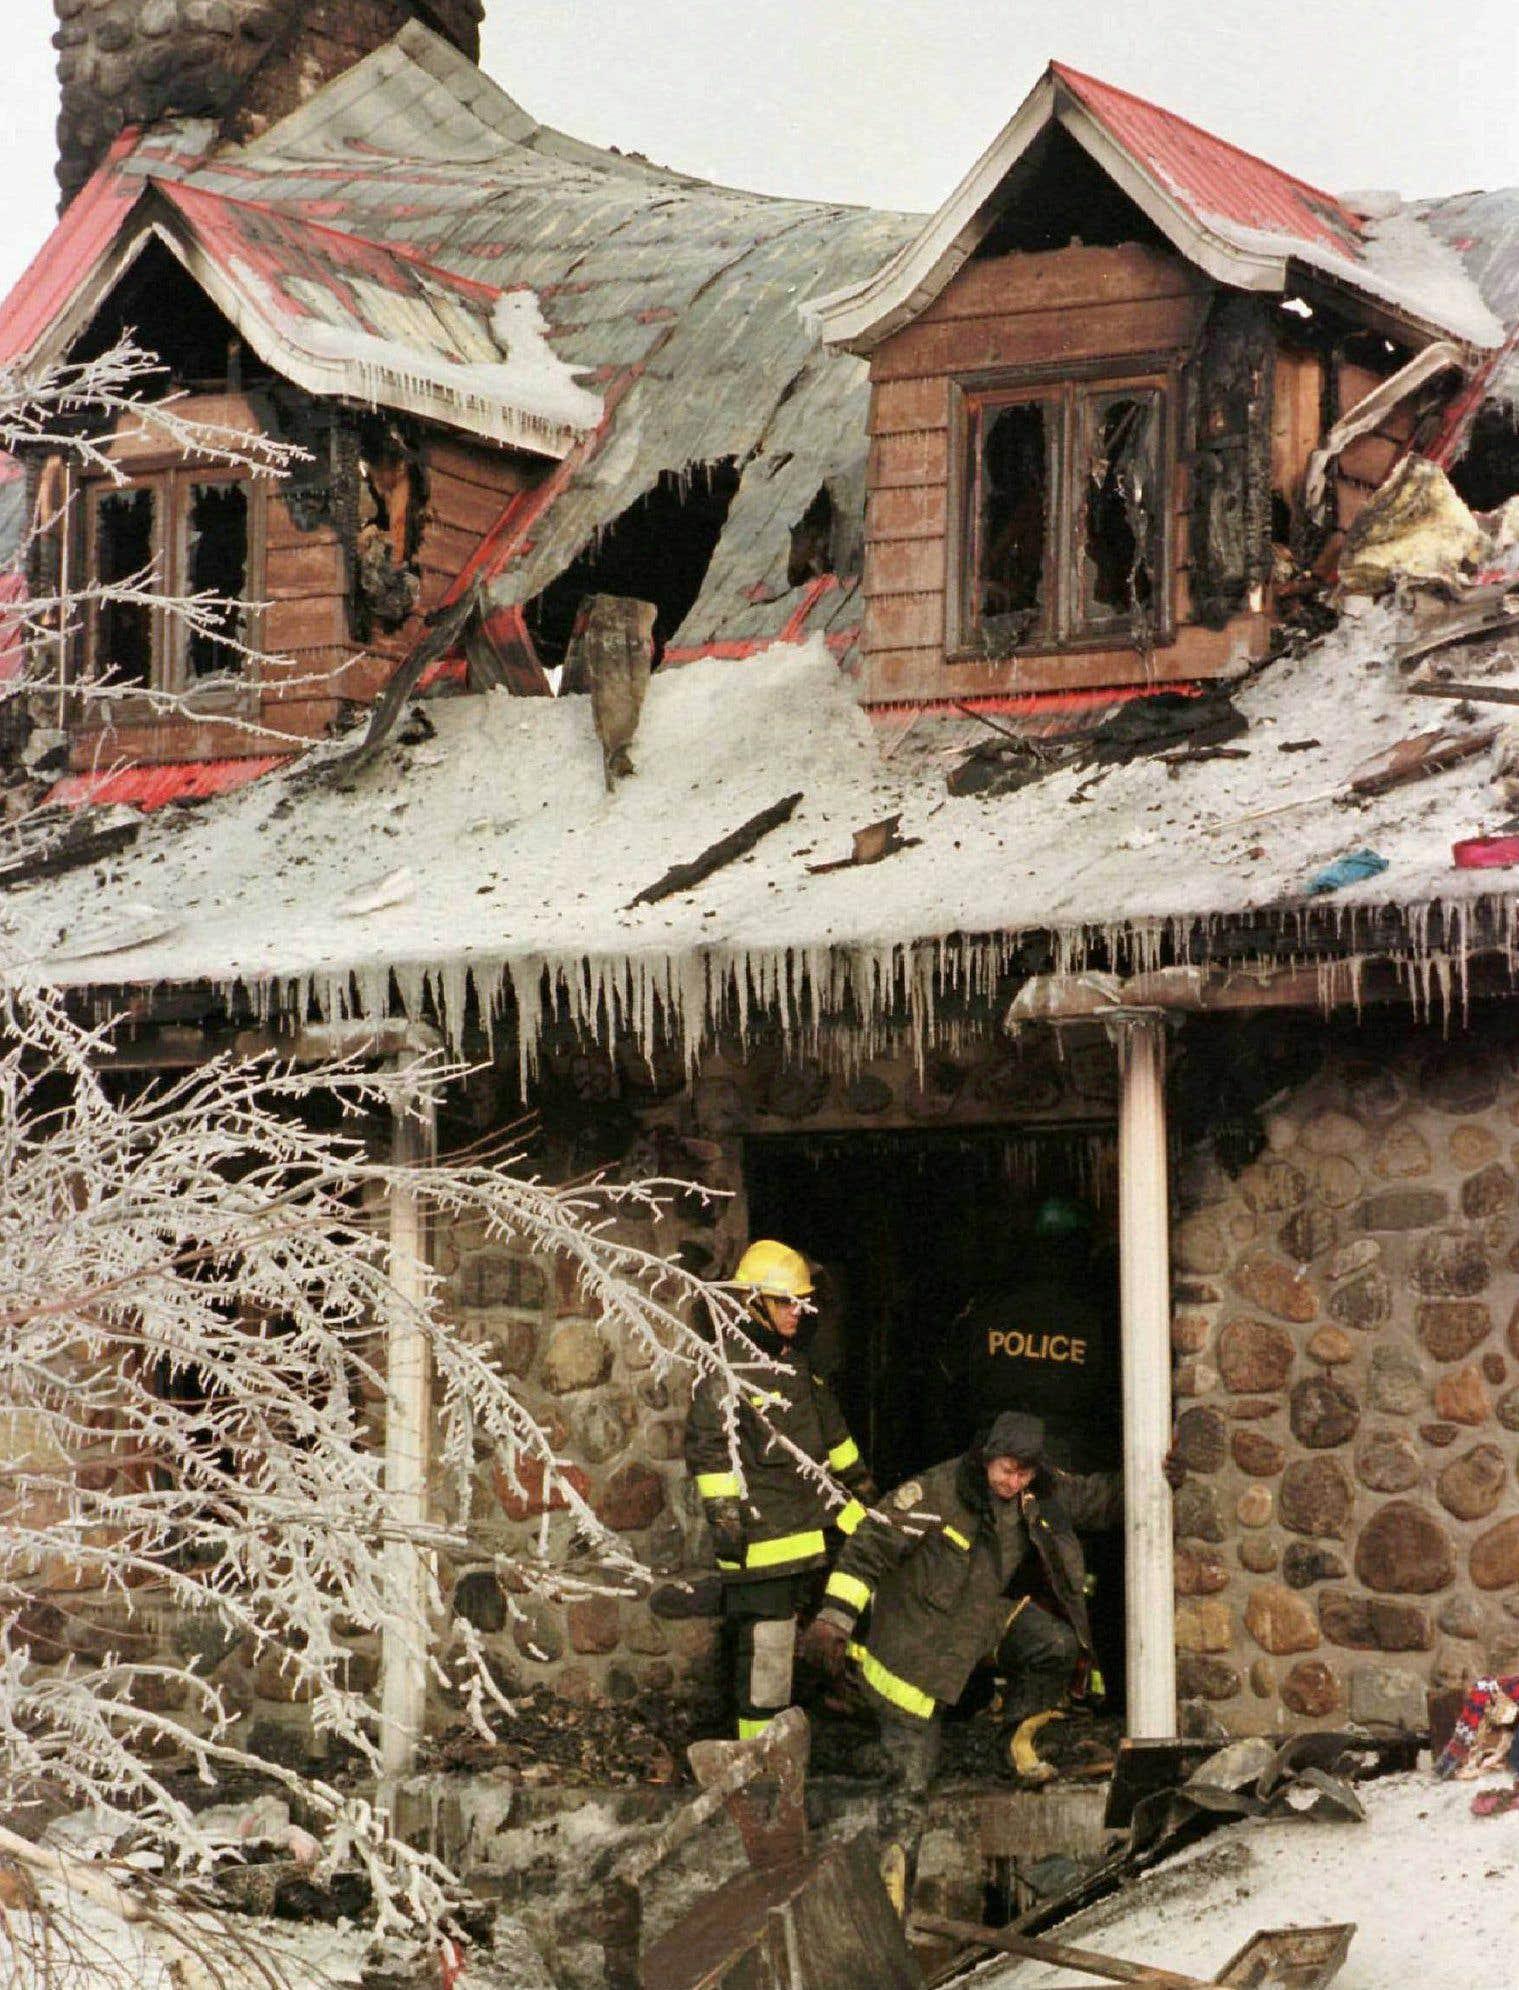 Des pompiers quittent une maison incendiée à Carignan, en banlieue de Montréal. Quatre membres d'une même famille ont été gravement brûlés à la suite du brasier provoqué par une génératrice au gaz naturel.